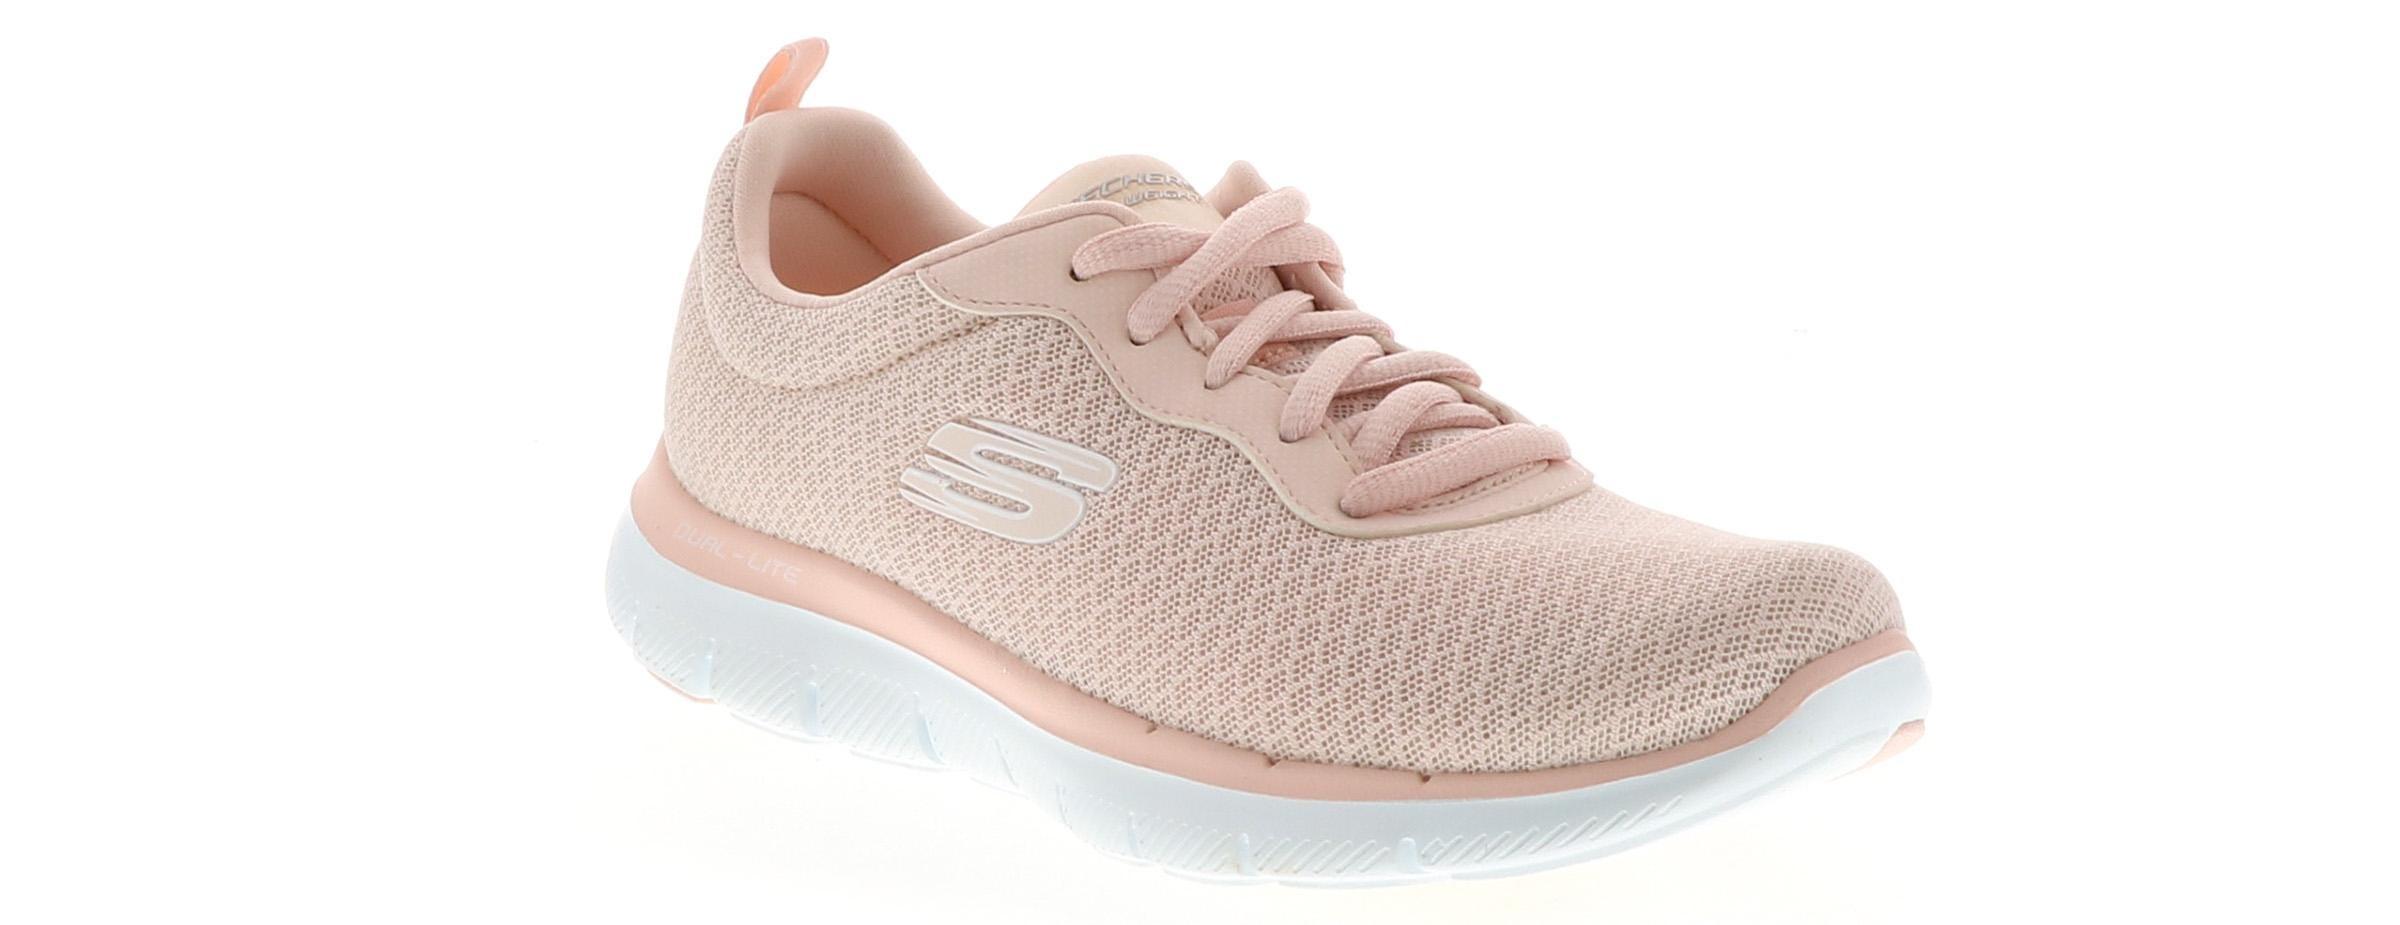 Women's Skechers Flex Appeal 2.0 Newsmaker Pink | Shoe Sensation